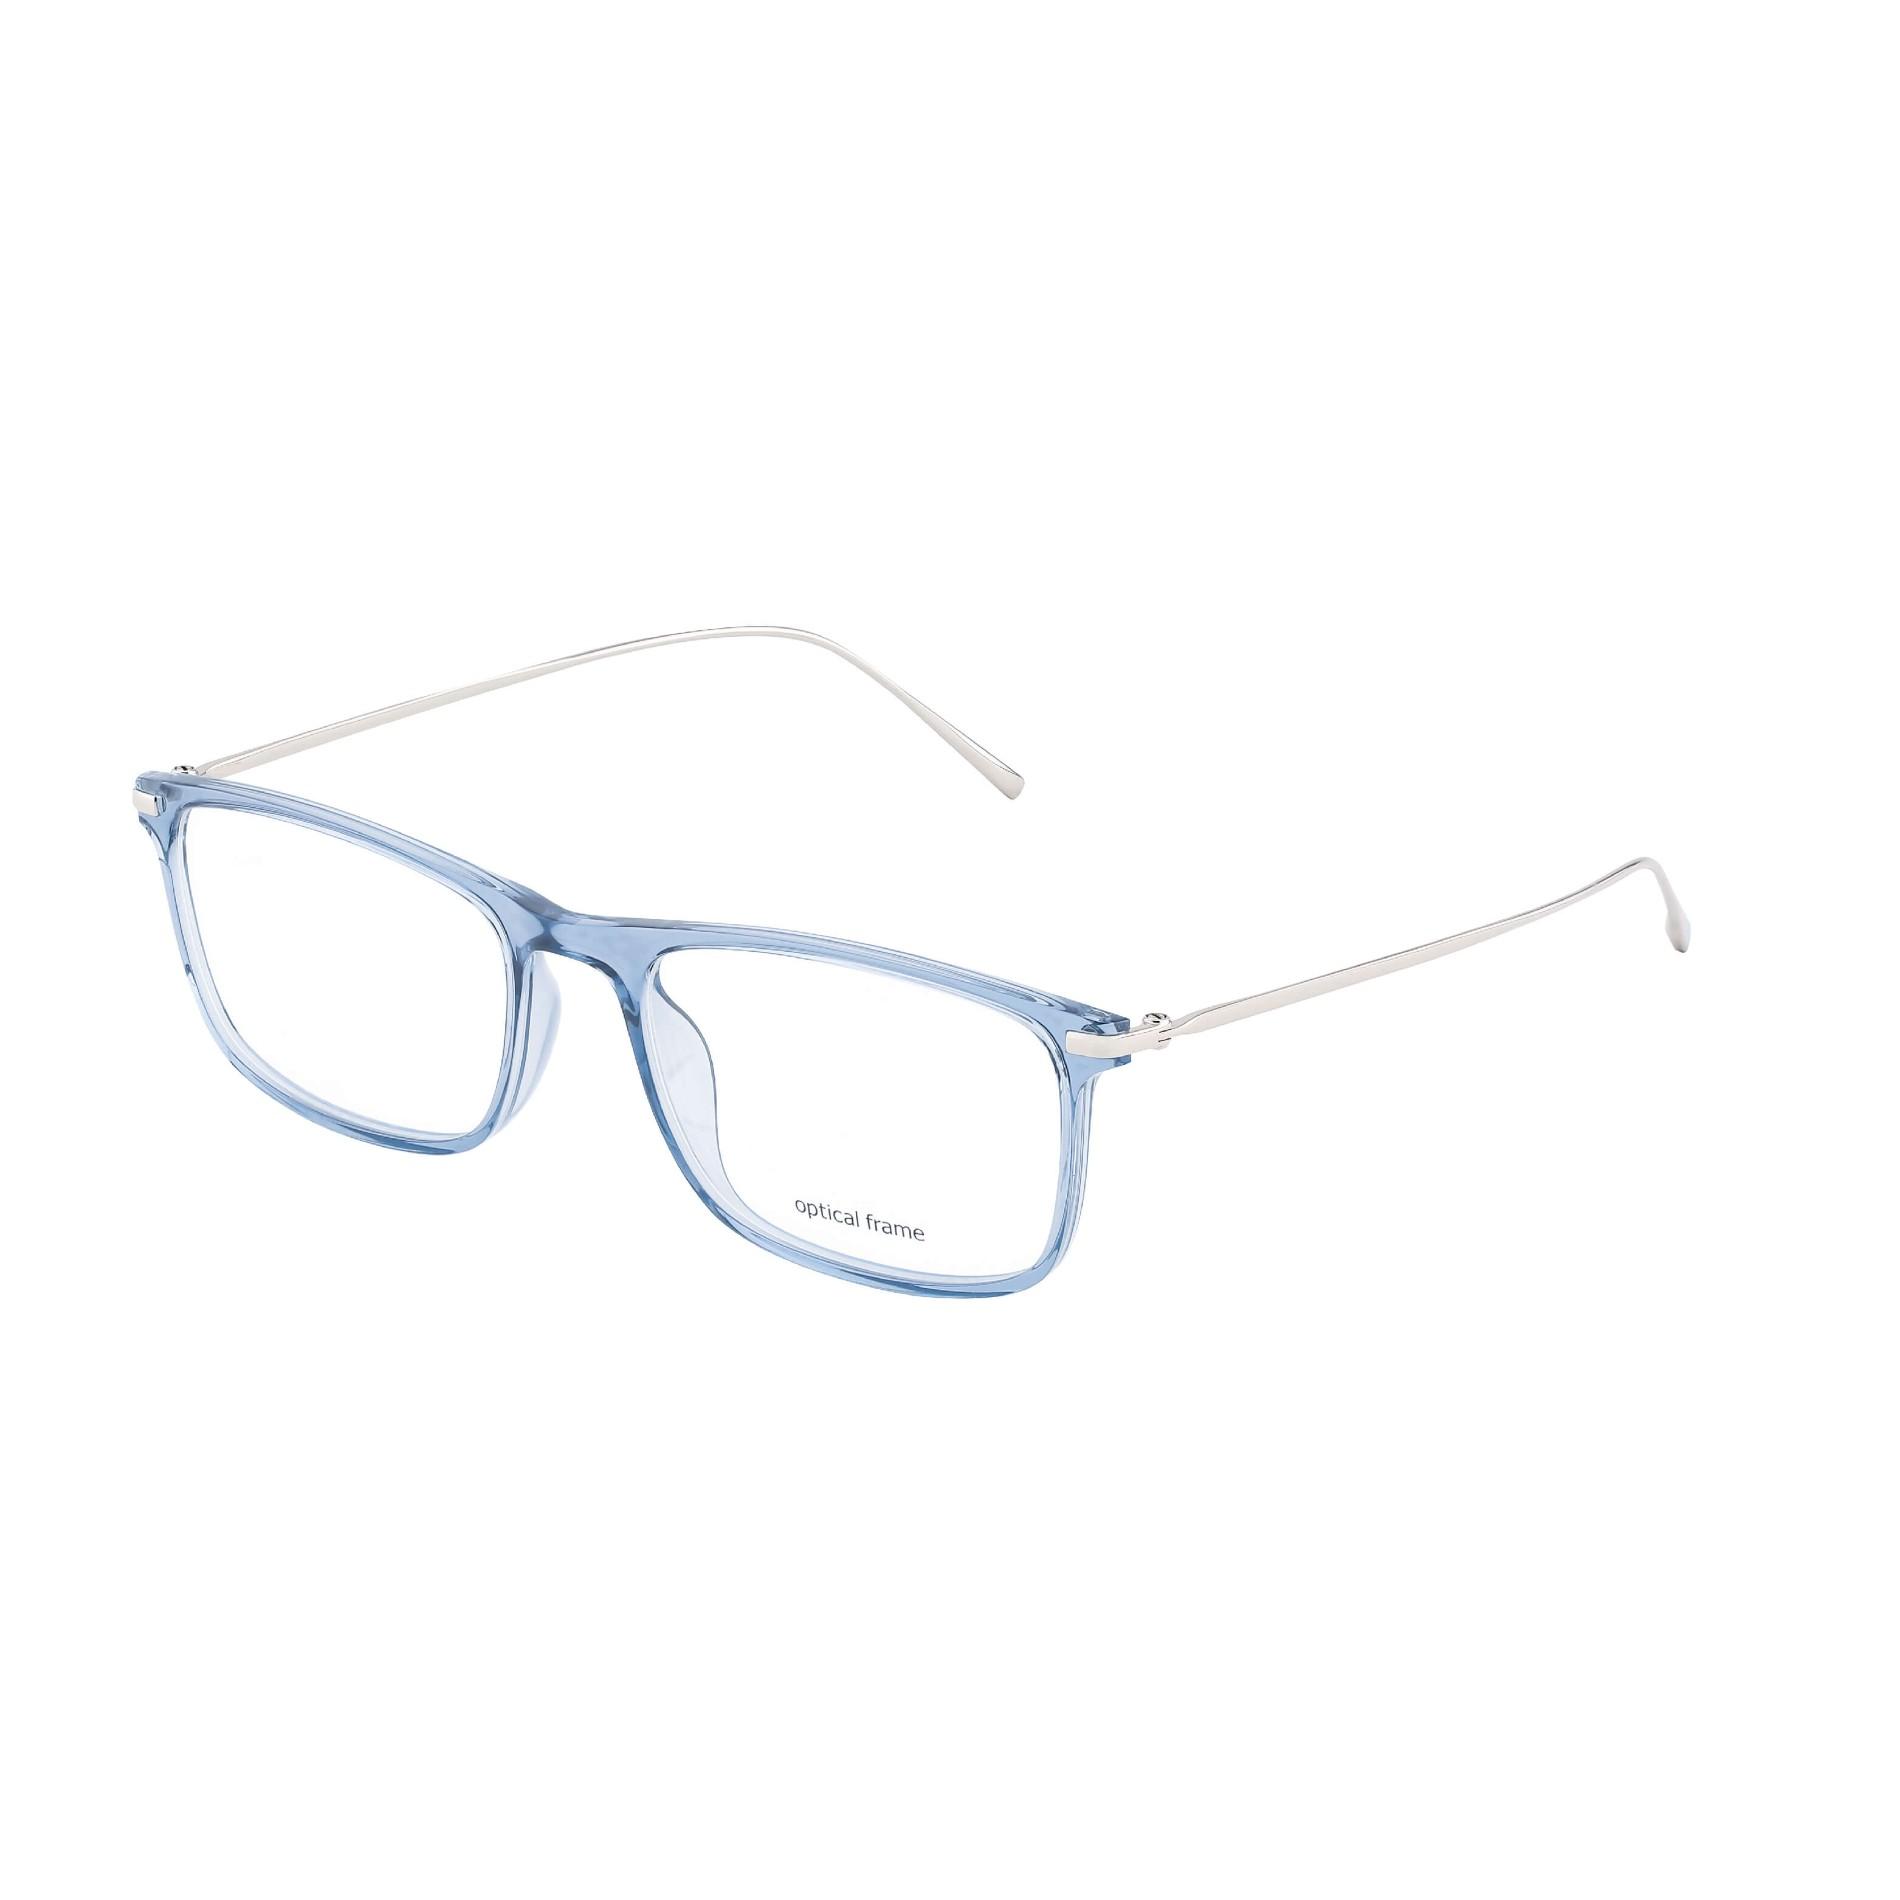 Men's Business Style TR90 Eyeglass Frame